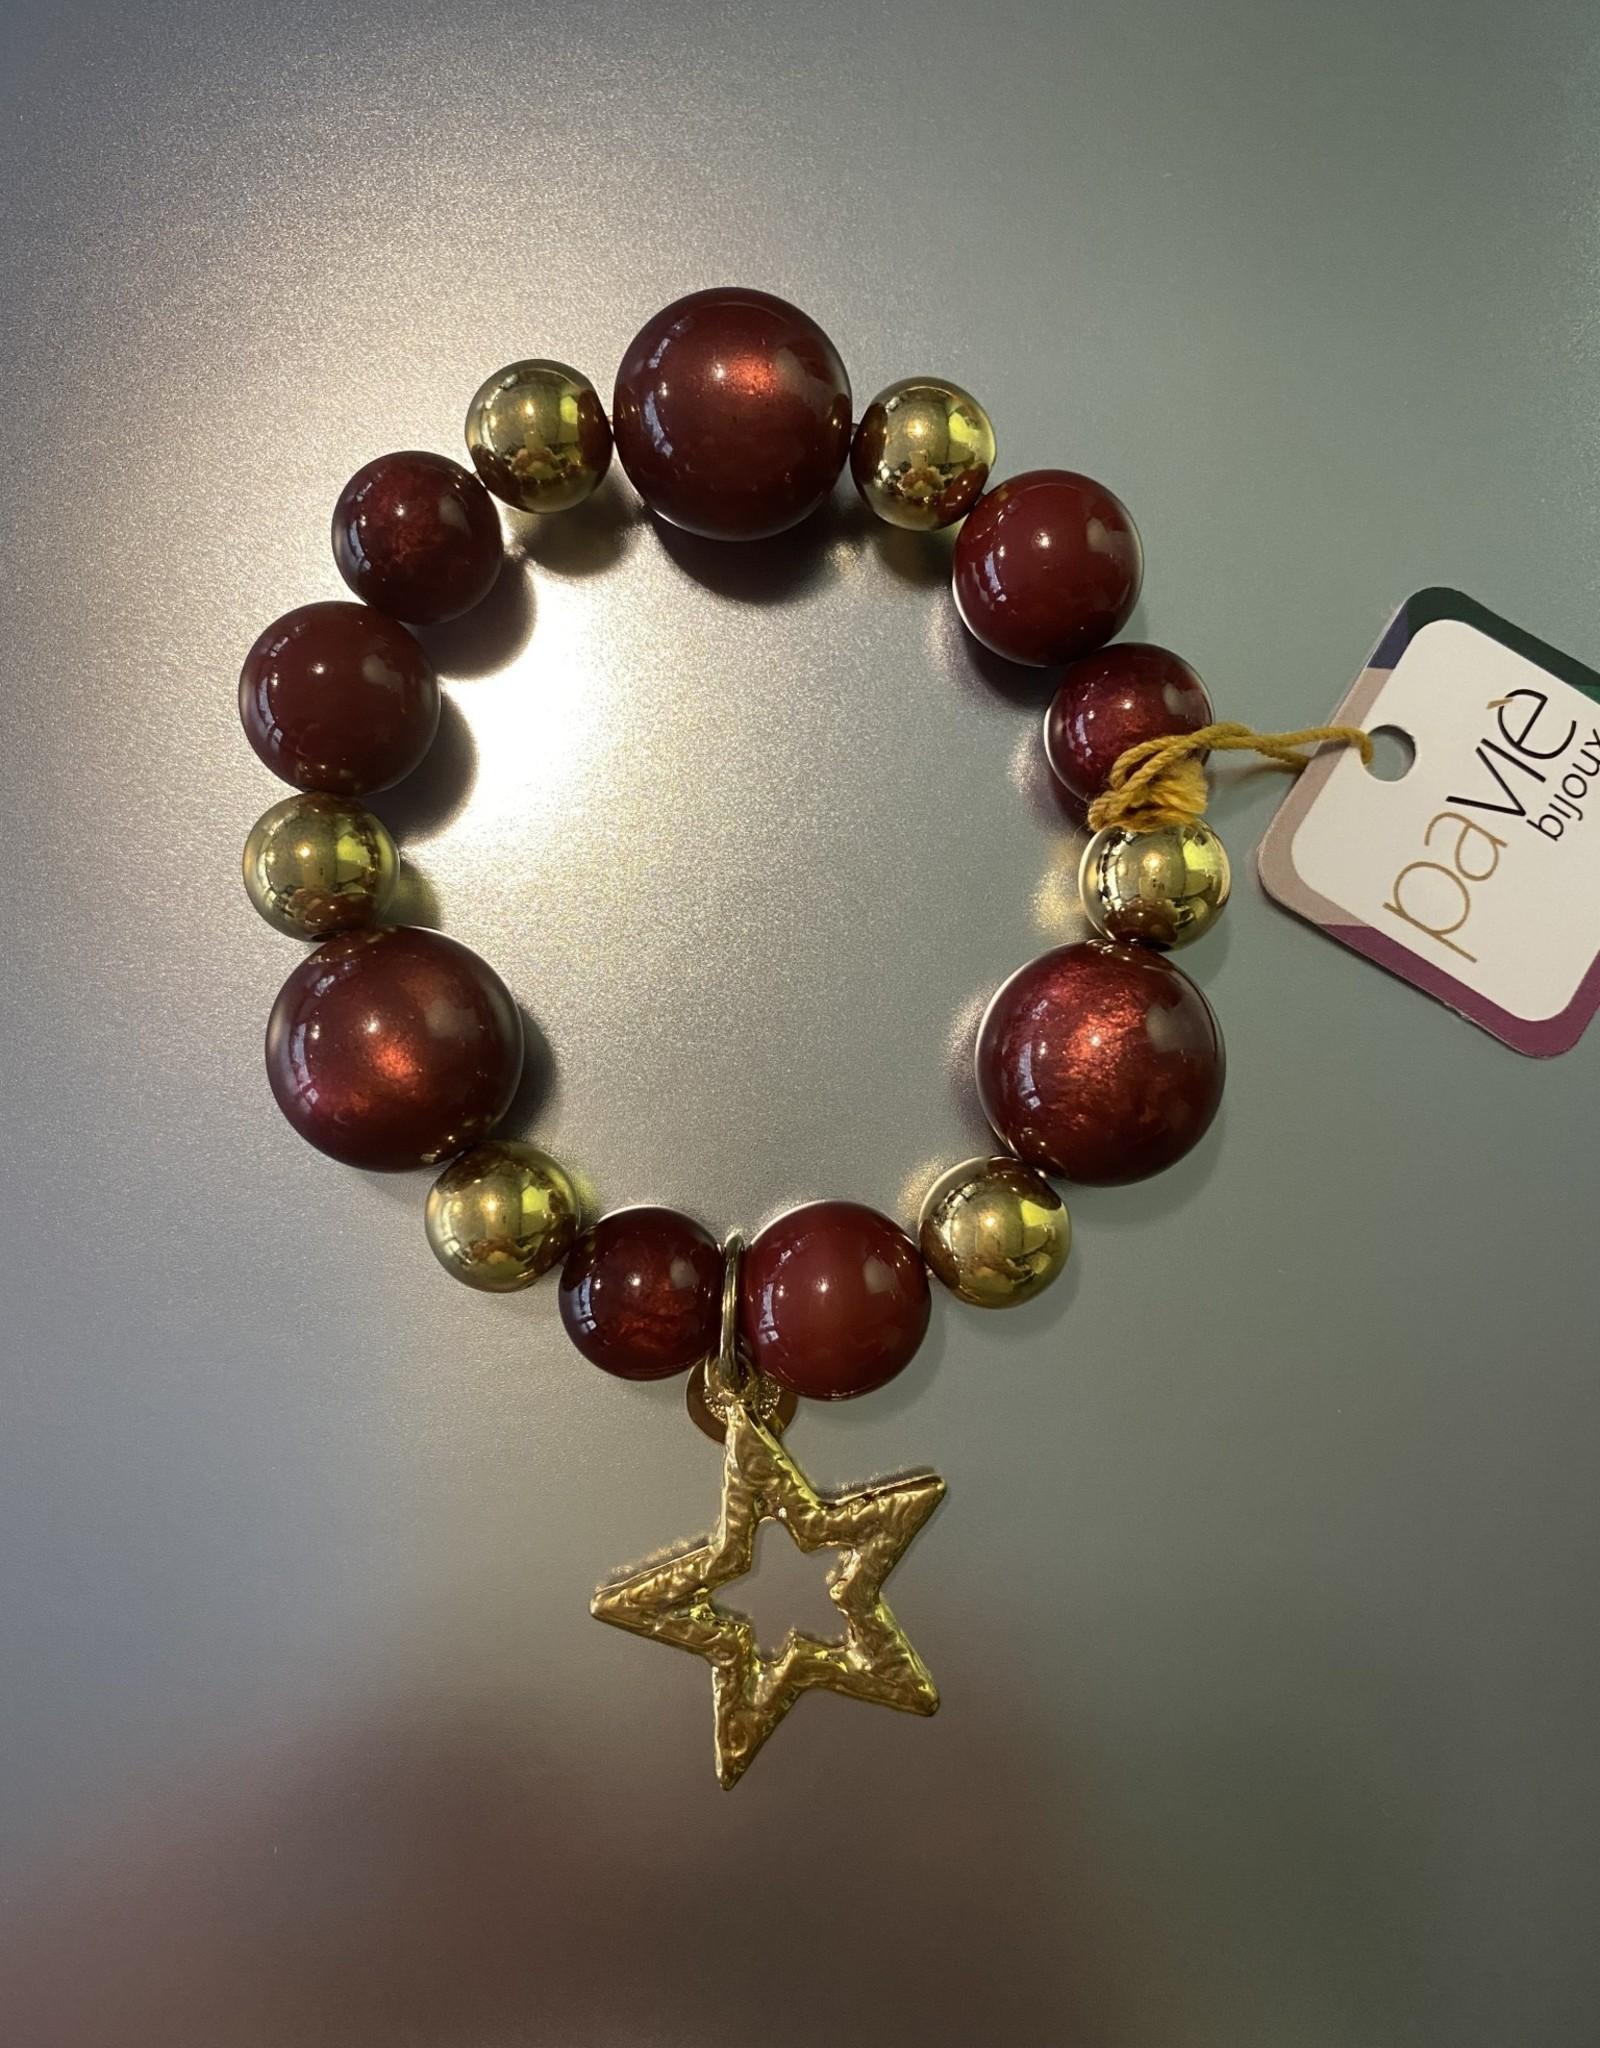 armband bordeaux/goud met ster br. 206 D